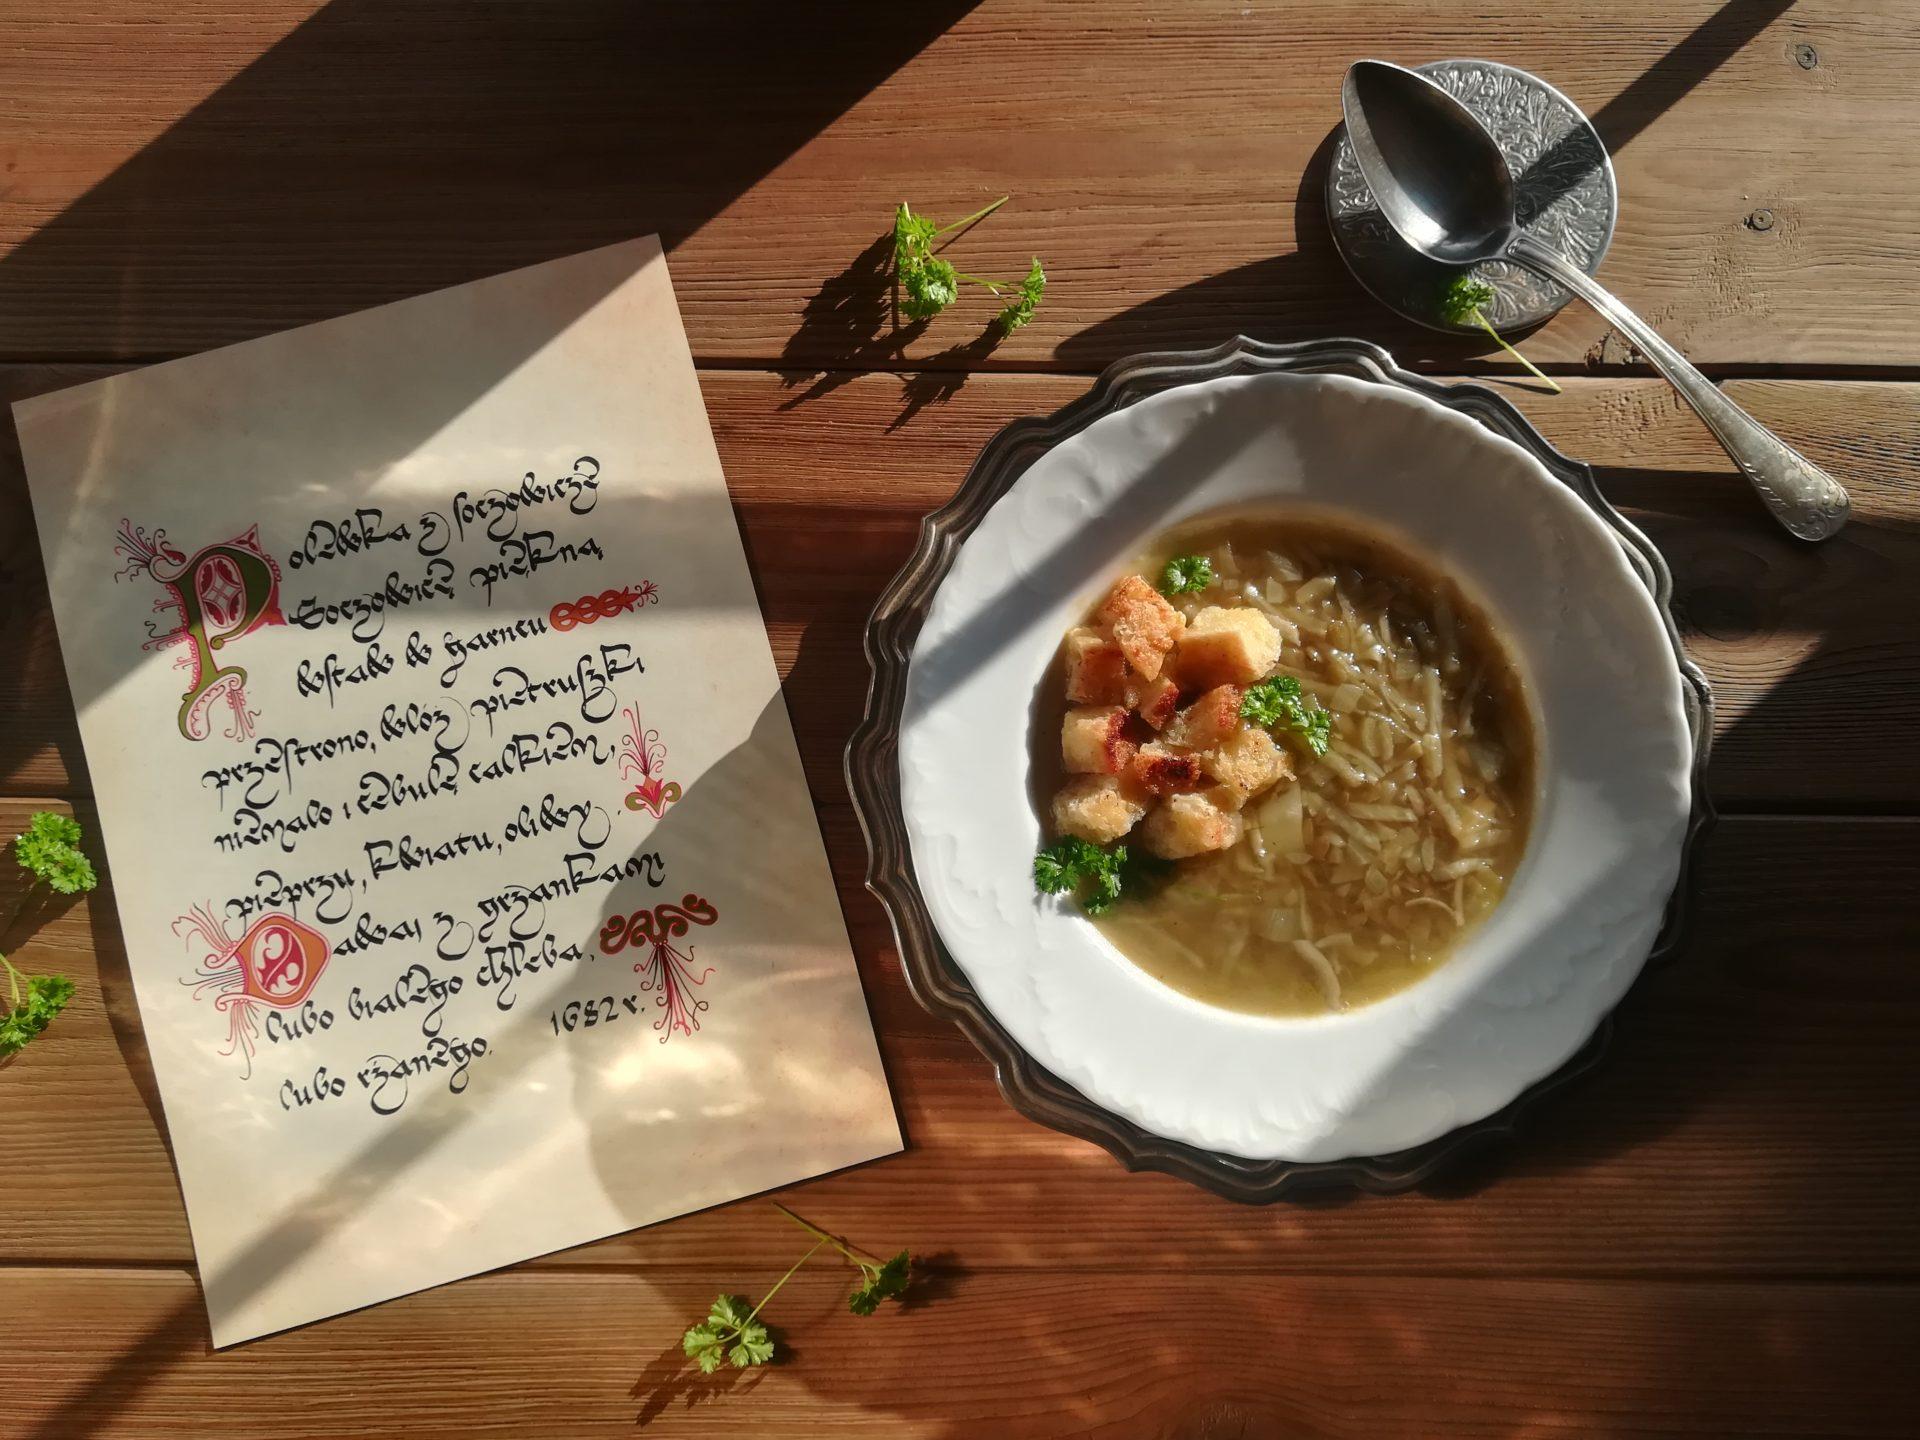 zupa z soczewicy, najlepszy przepis na zupę z soczewicy, sprawdzony przepis na zupę z soczewicy, najstarszy przepis na zupę z soczewicy, kuchnia staropolska zupa z soczewicy, polewka z soczowicze, stanisław czerniecki przepisy